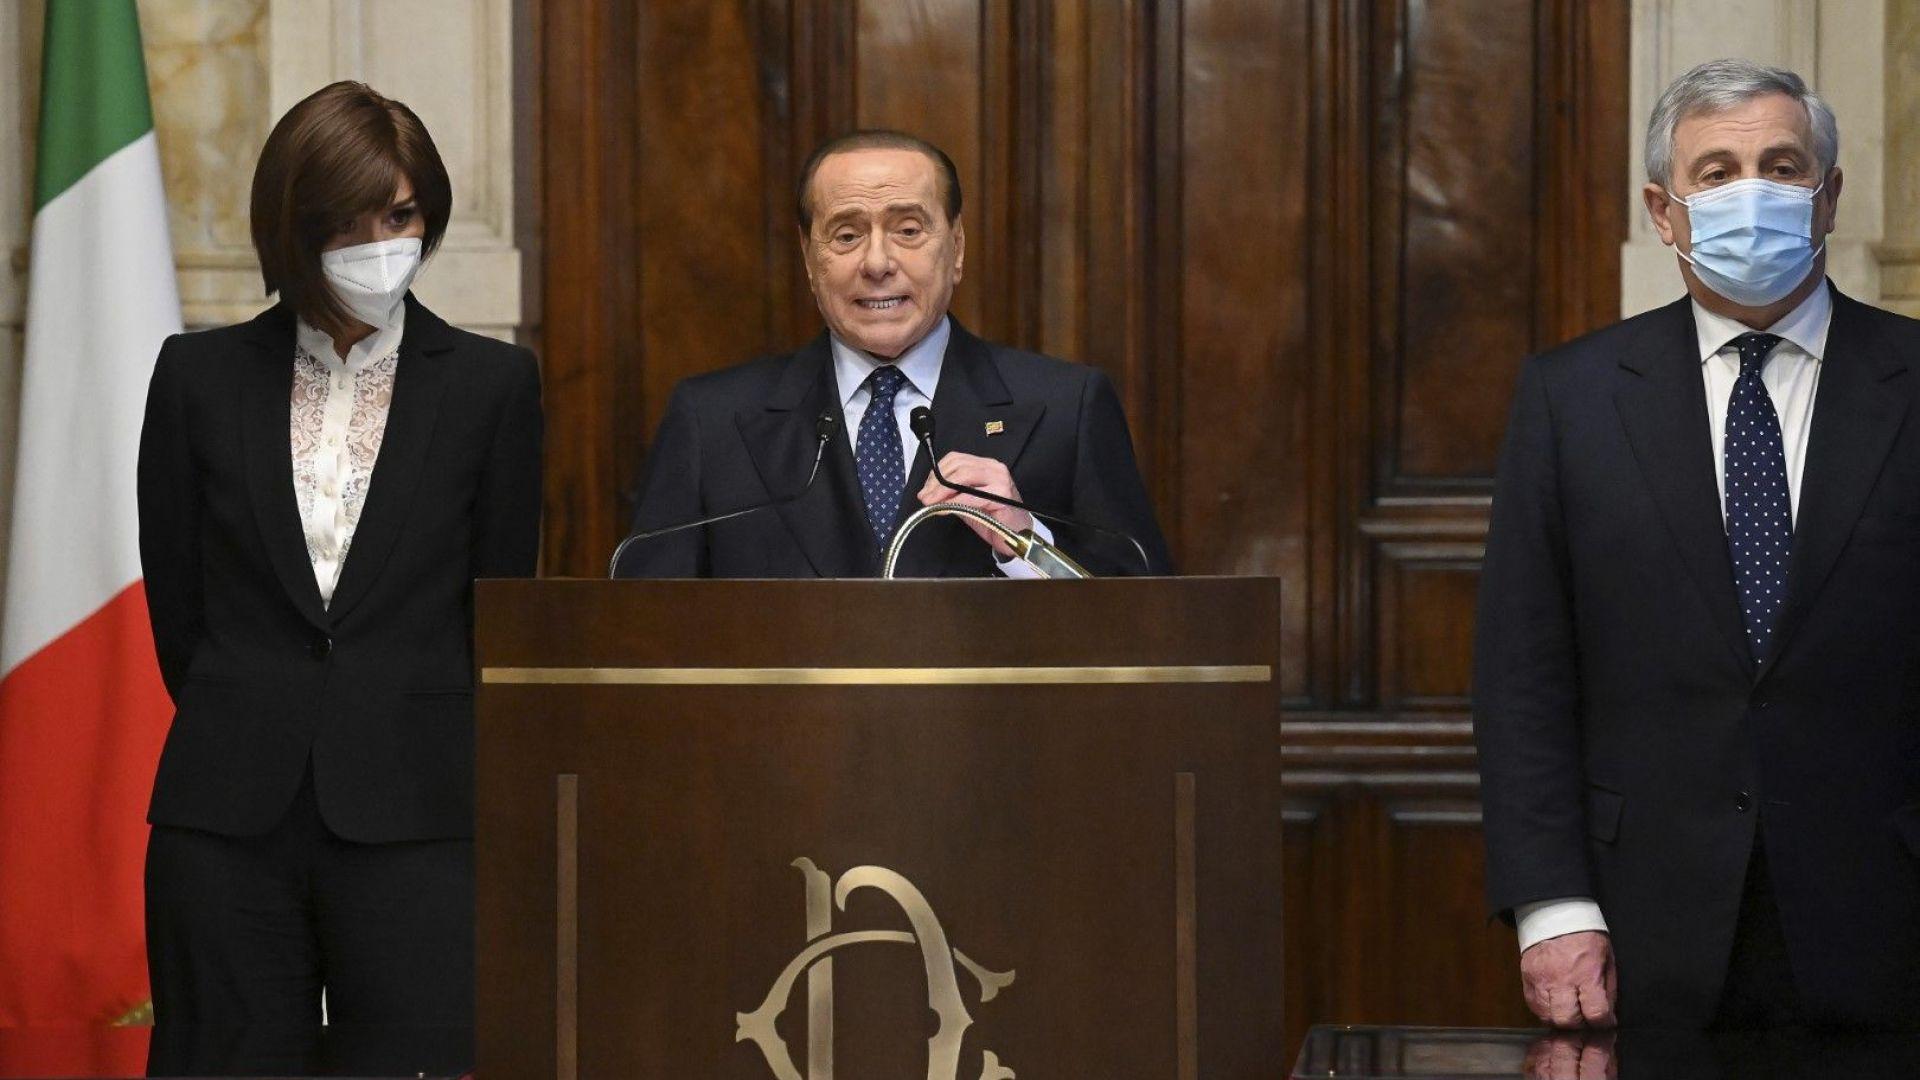 След месеци отсъствие и лечение Берлускони се появи, за да подкрепи Марио Драги